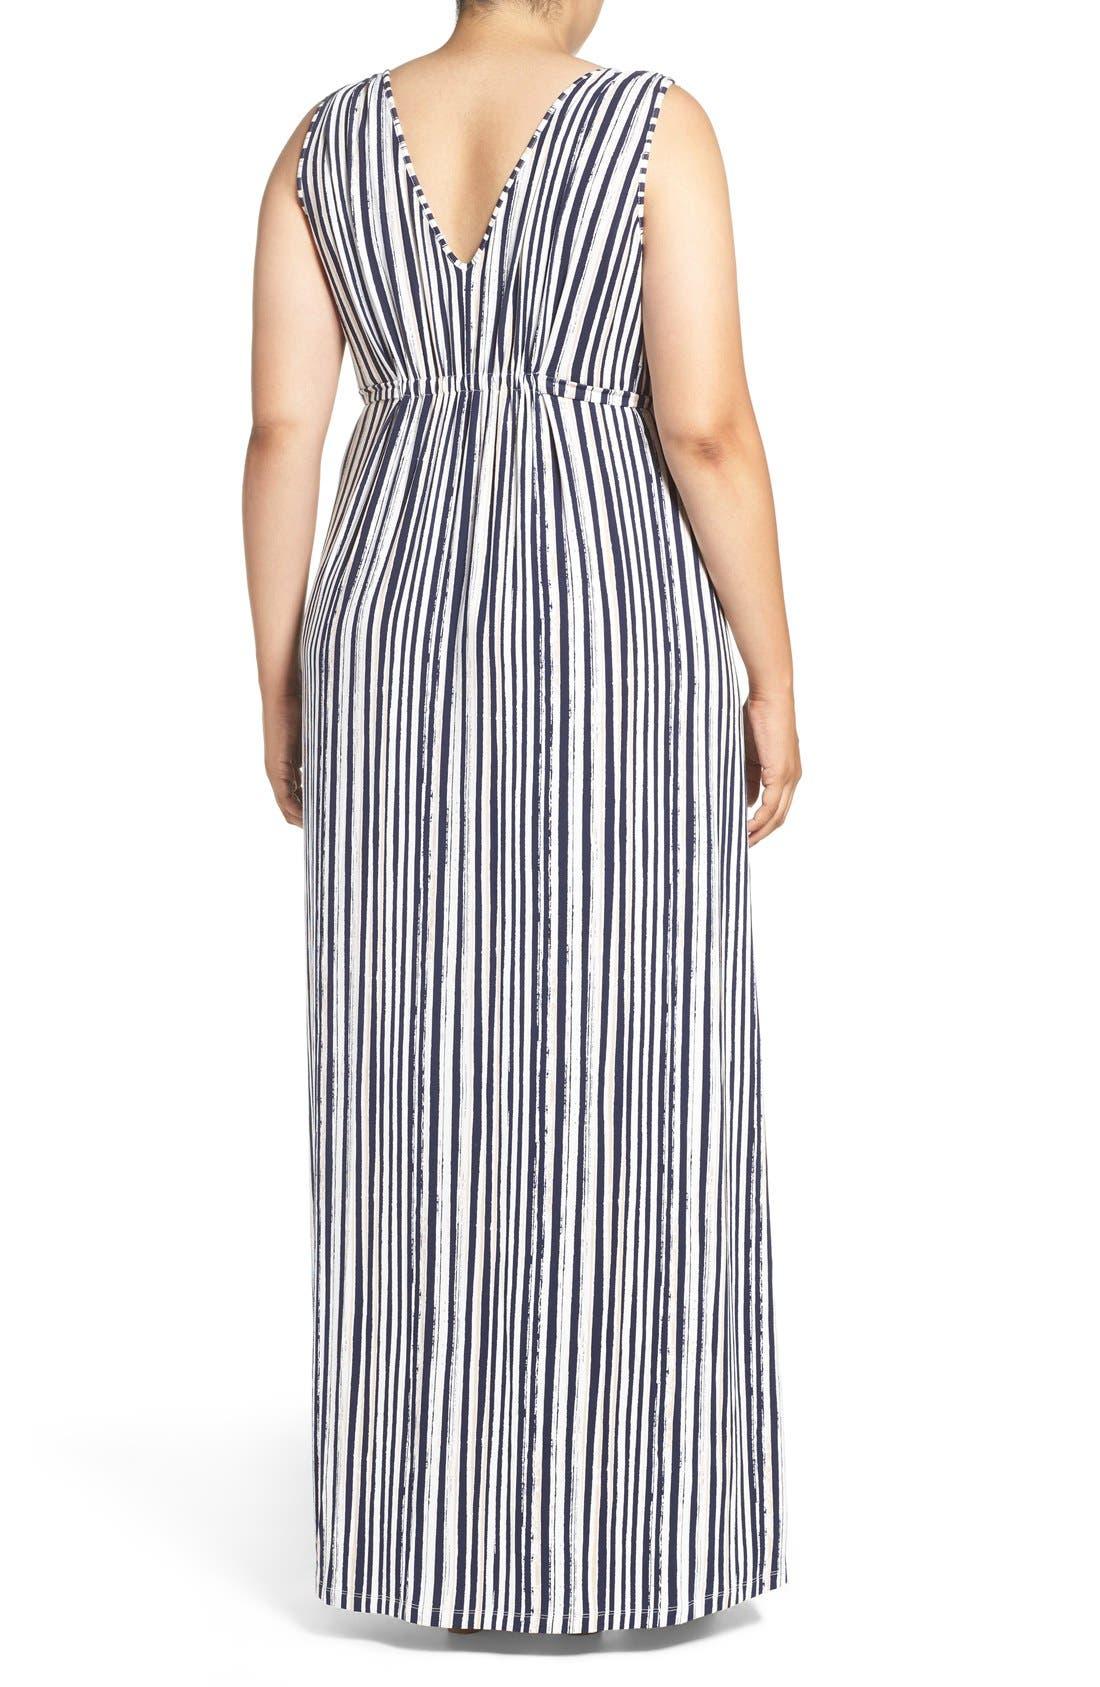 Grecia Sleeveless Jersey Maxi Dress,                             Alternate thumbnail 13, color,